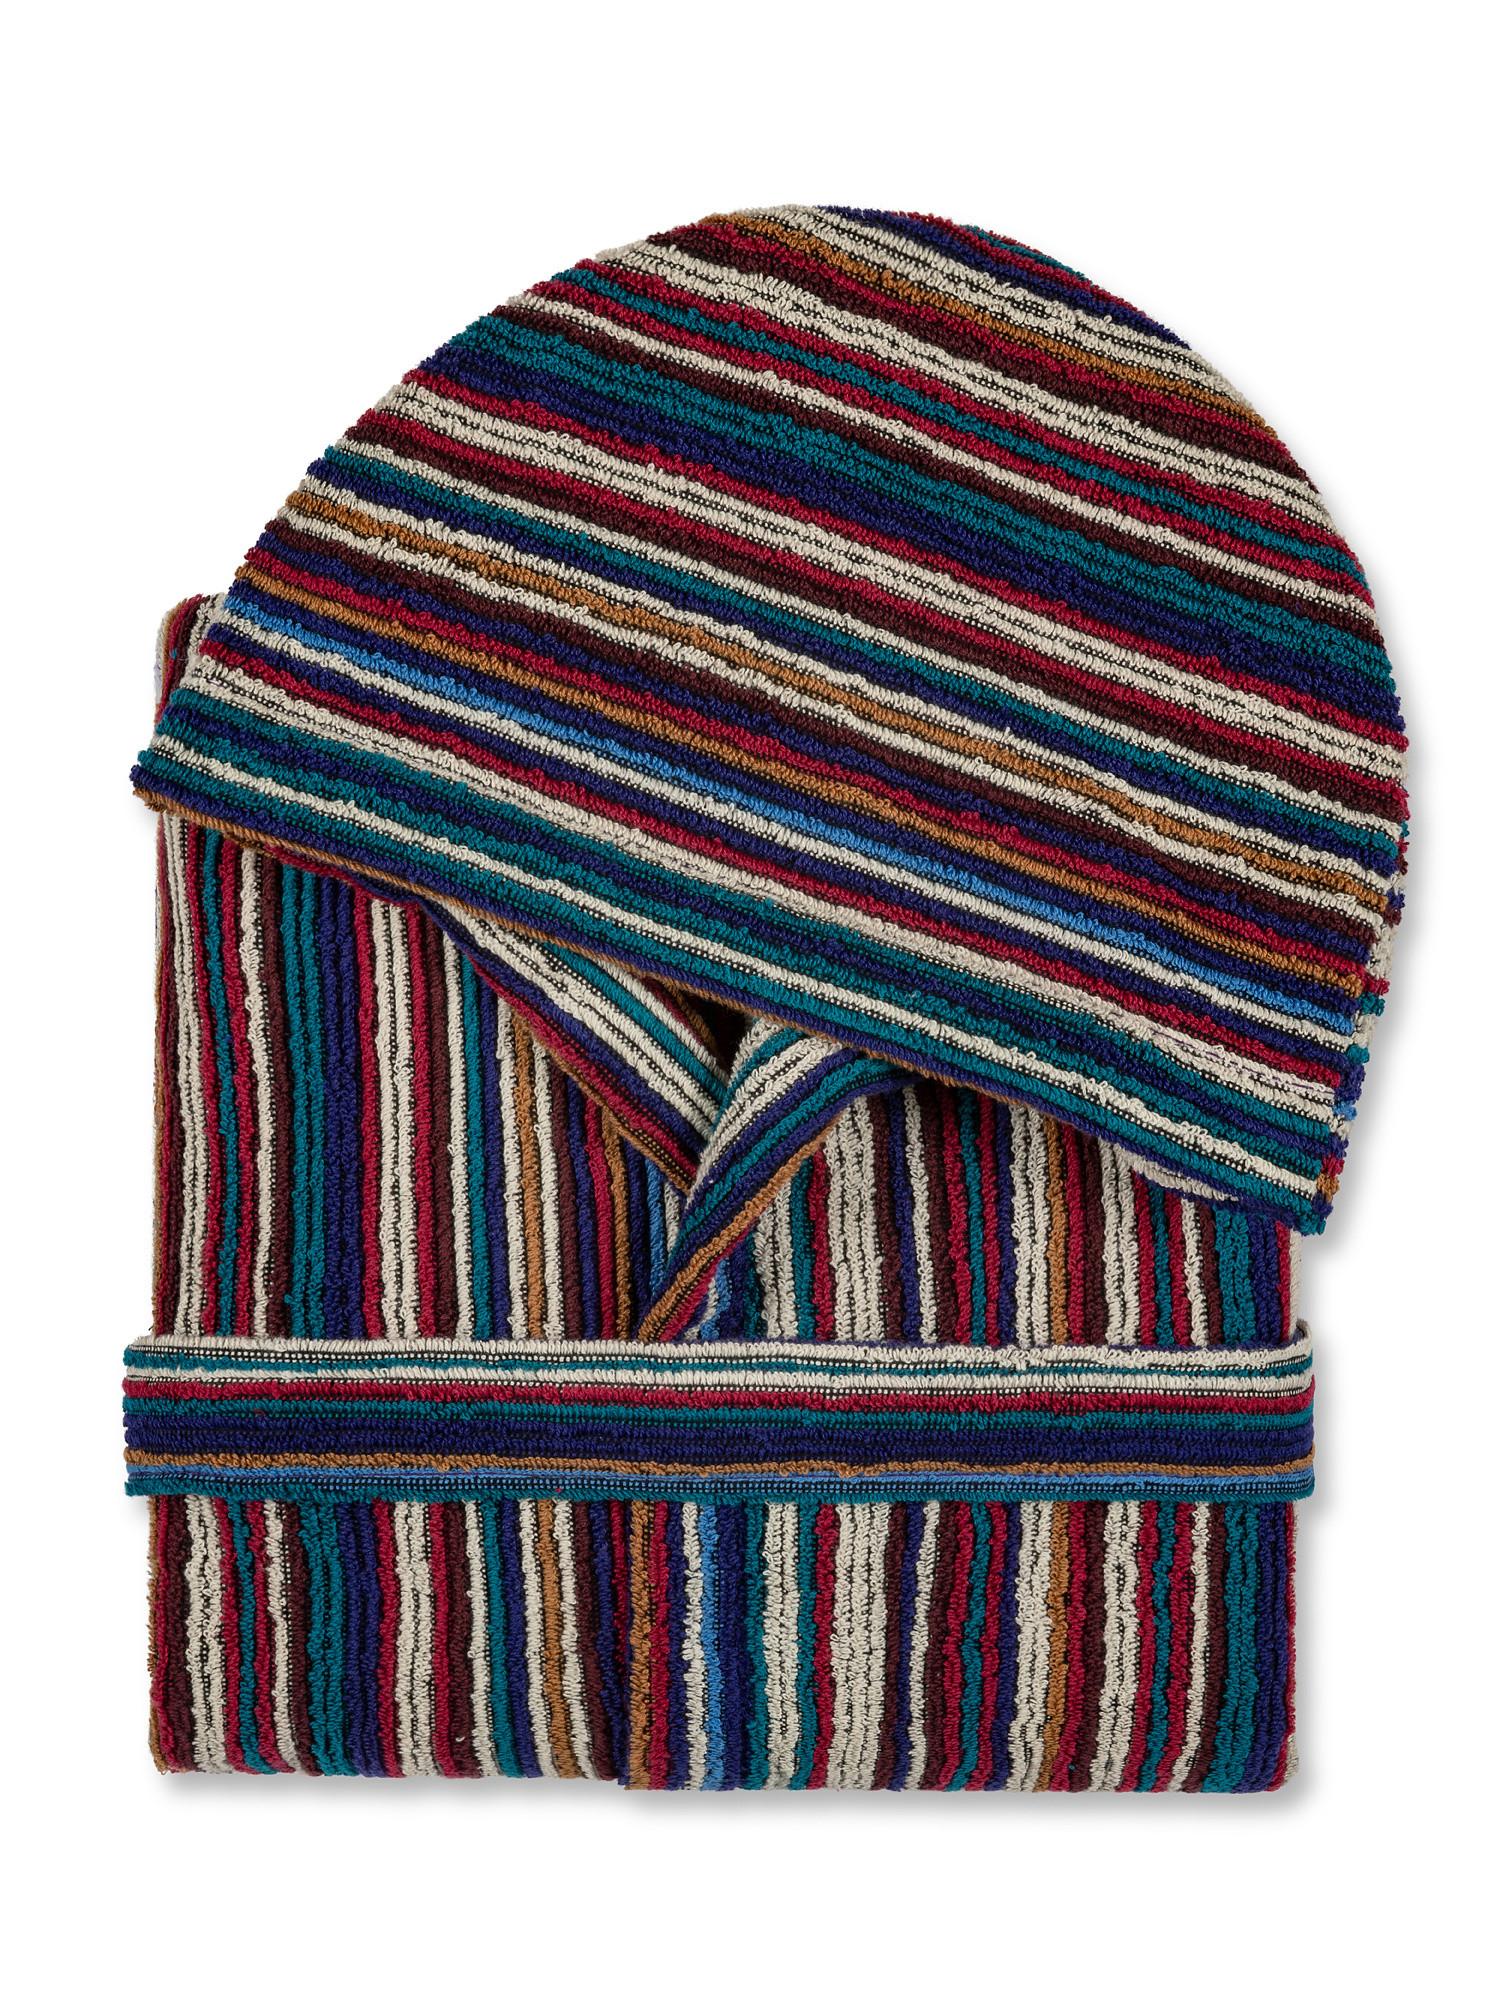 Accappatoio spugna di cotone motivo a righe, Multicolor, large image number 1